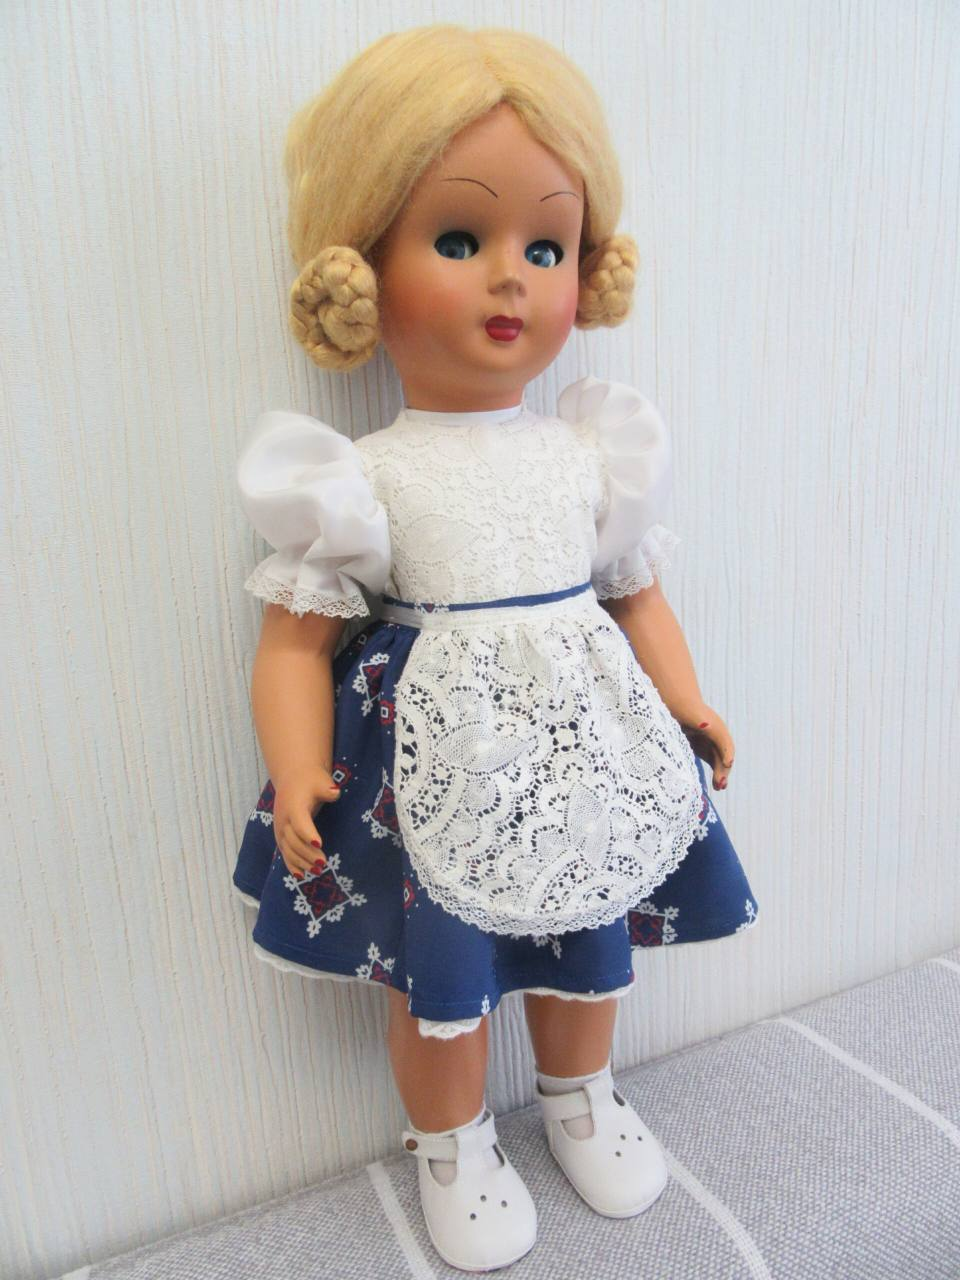 Мастерская Мимидол.  Ручной пошив винтажной одежды для кукол и ремонт кукол. Блог Красновой Натальи. IMG_2584-scaled